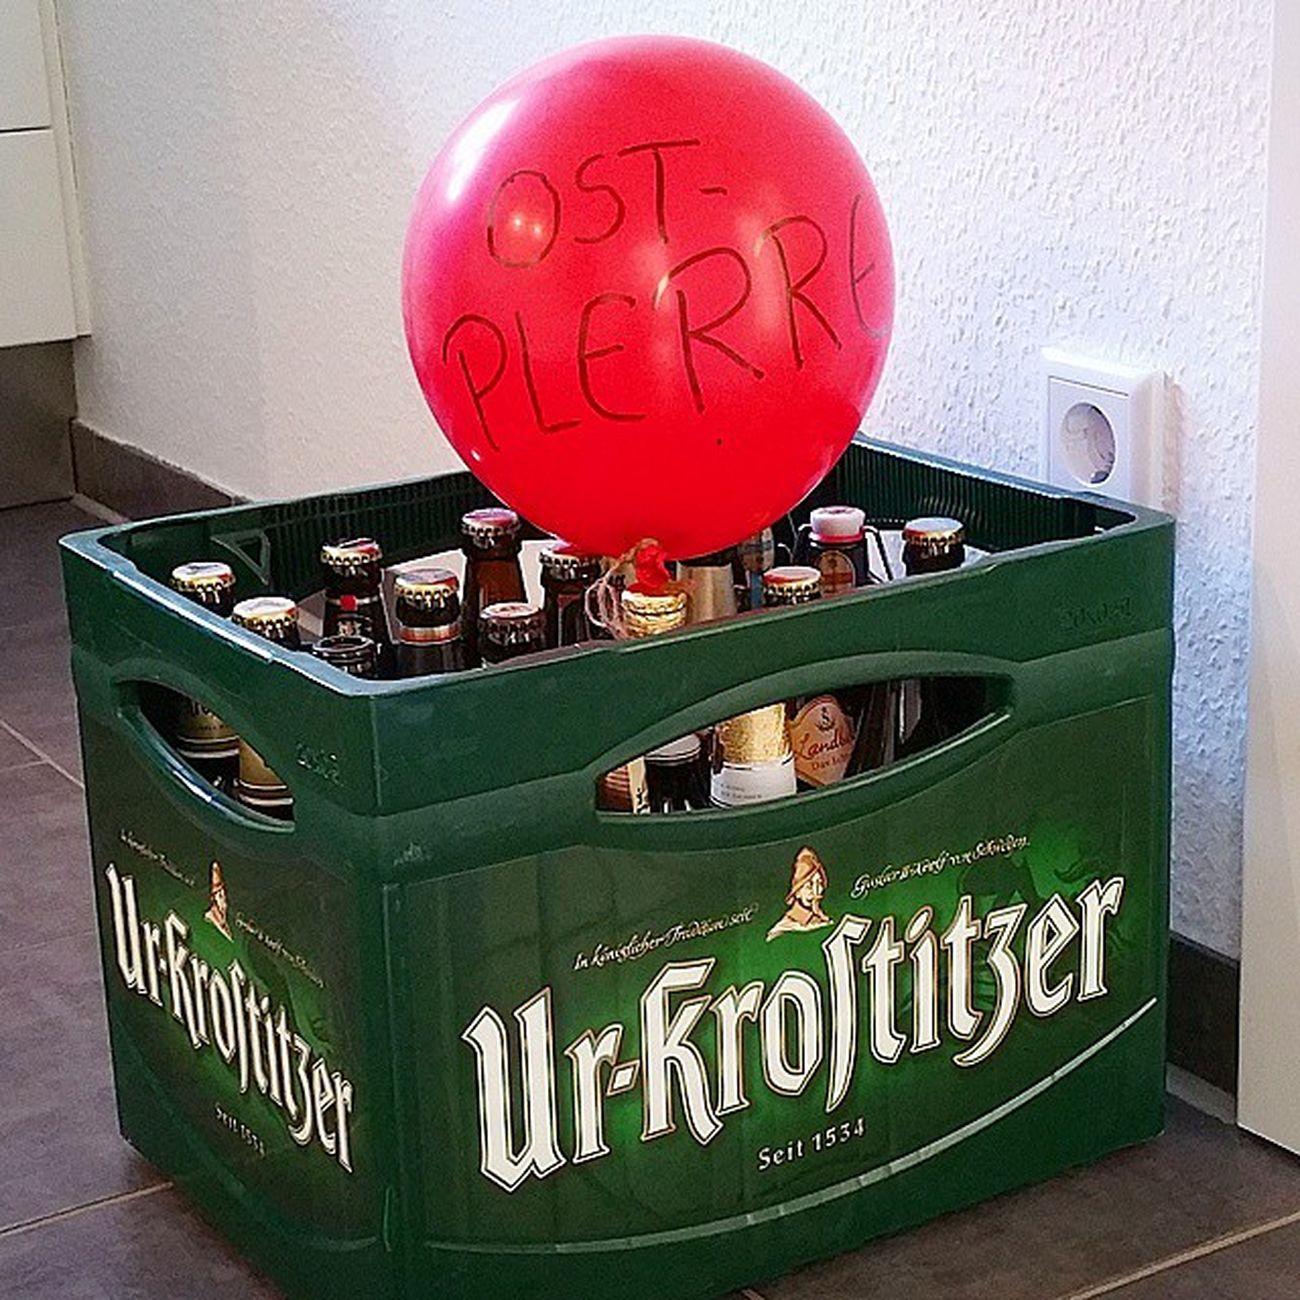 """Hach: ein echter Gruß aus der Heimat! Eine ganze Kiste """"Ostbier"""". 😂/ Greetings from home - best beer ever!🍺 Urkrostizer Bier Beer Home Leipzig Plärre Prost"""